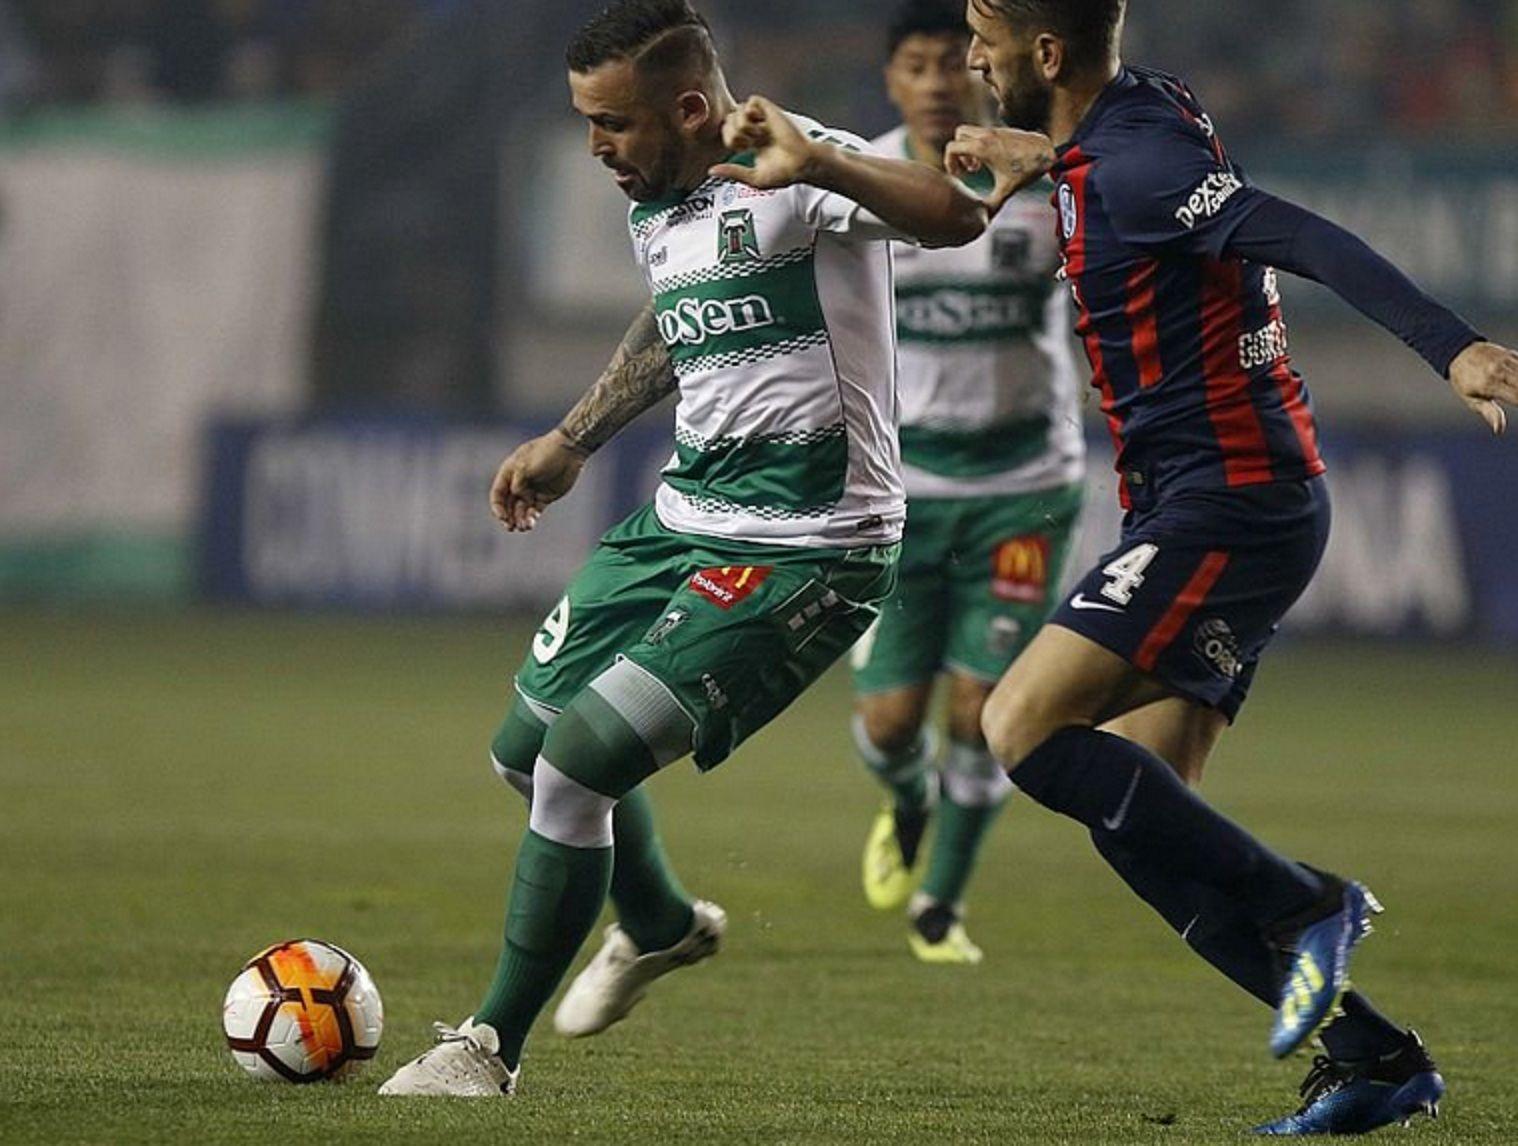 San Lorenzo avanza en la Copa Sudamericana con un sabor amargo